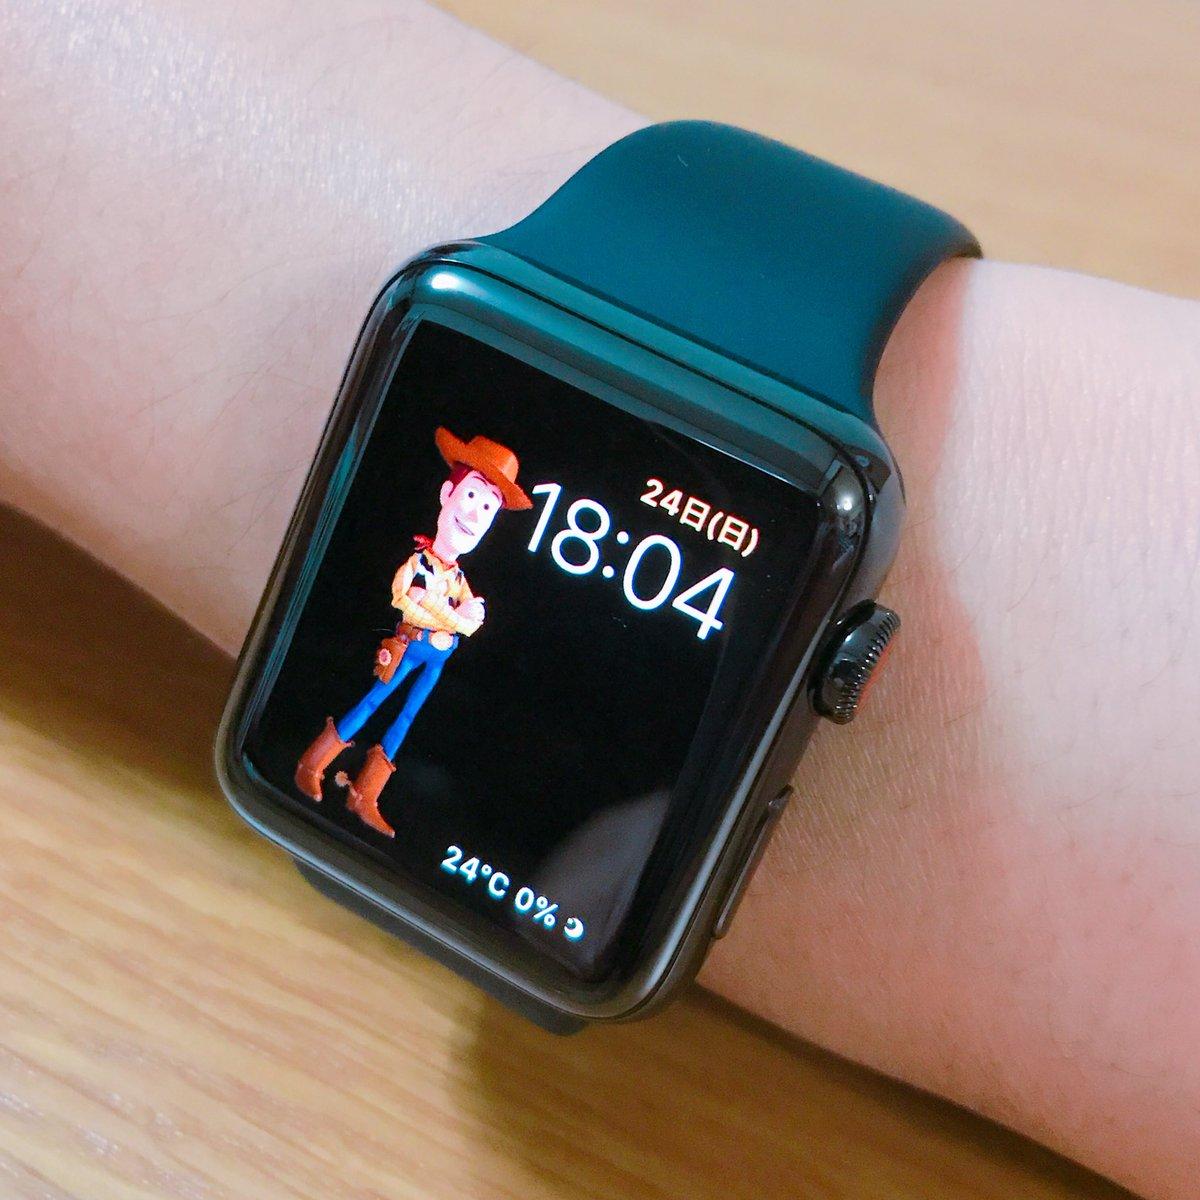 まっくす A Twitter アップルウォッチはtwitterを読み込まなかったり接続が不安定だったり不具合があるらしい 早く使いこなせるようになりたいな トイストーリーの壁紙にしてみた Applewatch アップルウォッチ Iphone ディズニー トイストーリー T